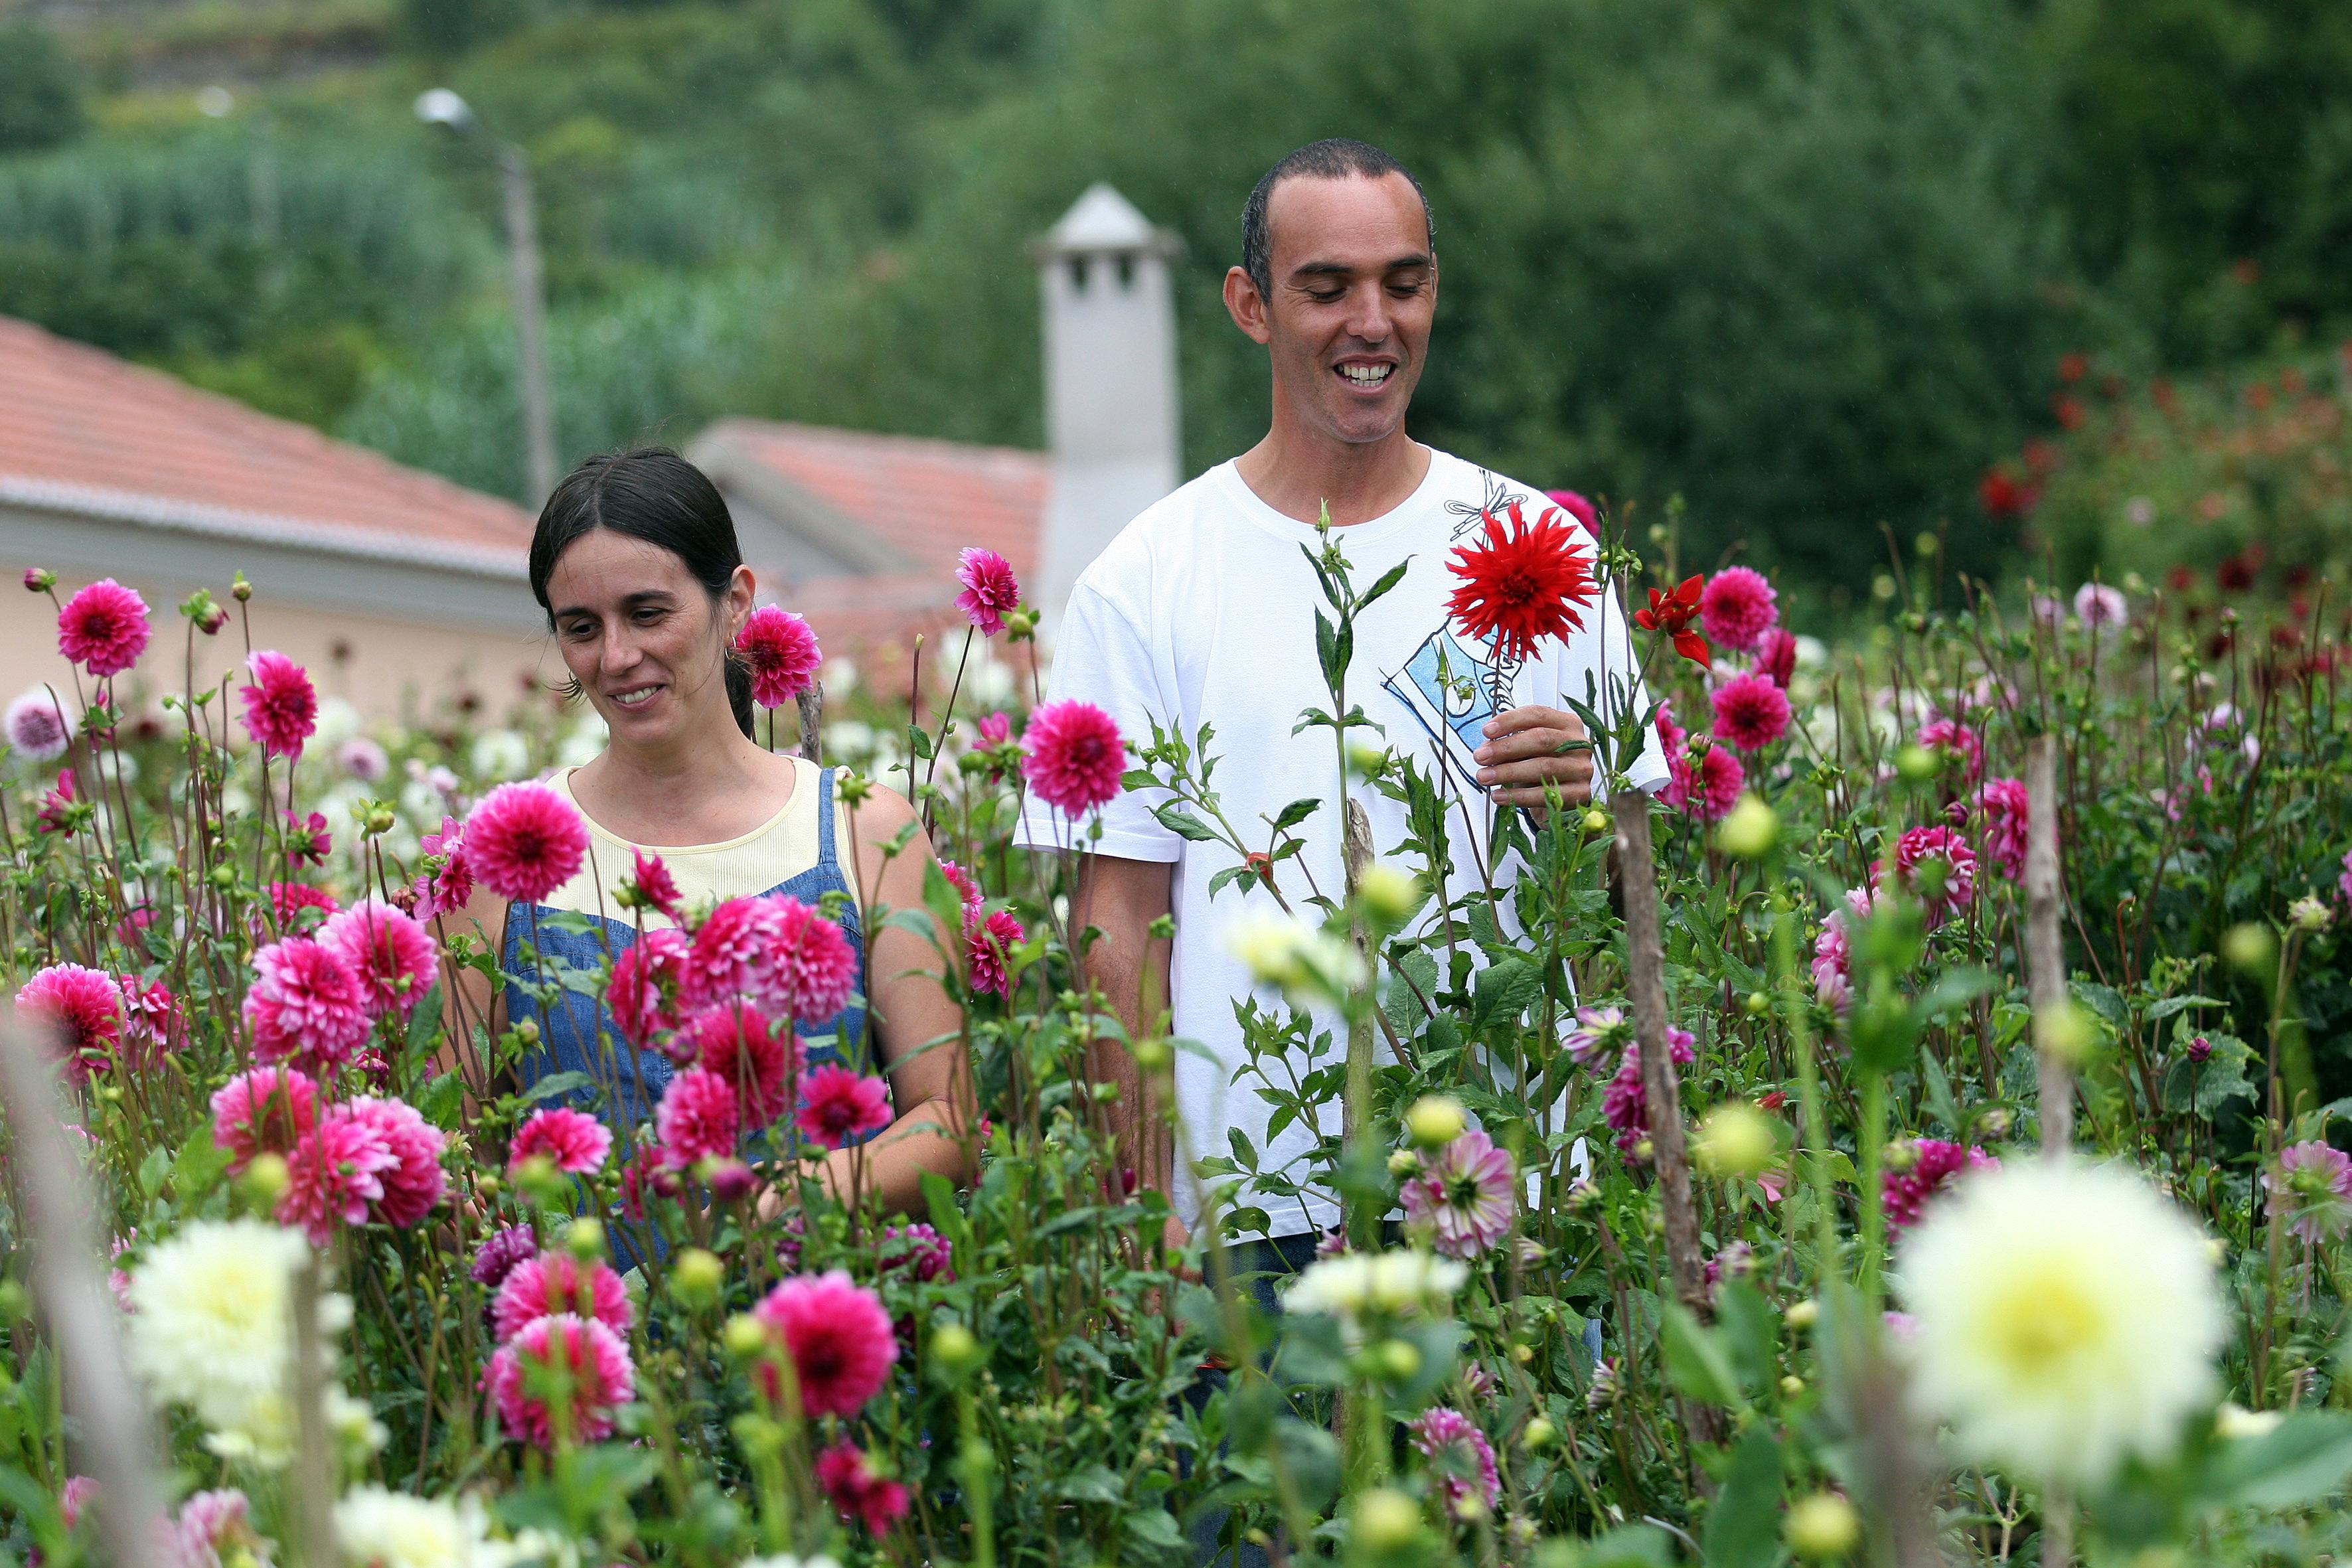 Dálias: do jardim de um guarda florestal para os tapetes florais da Madeira